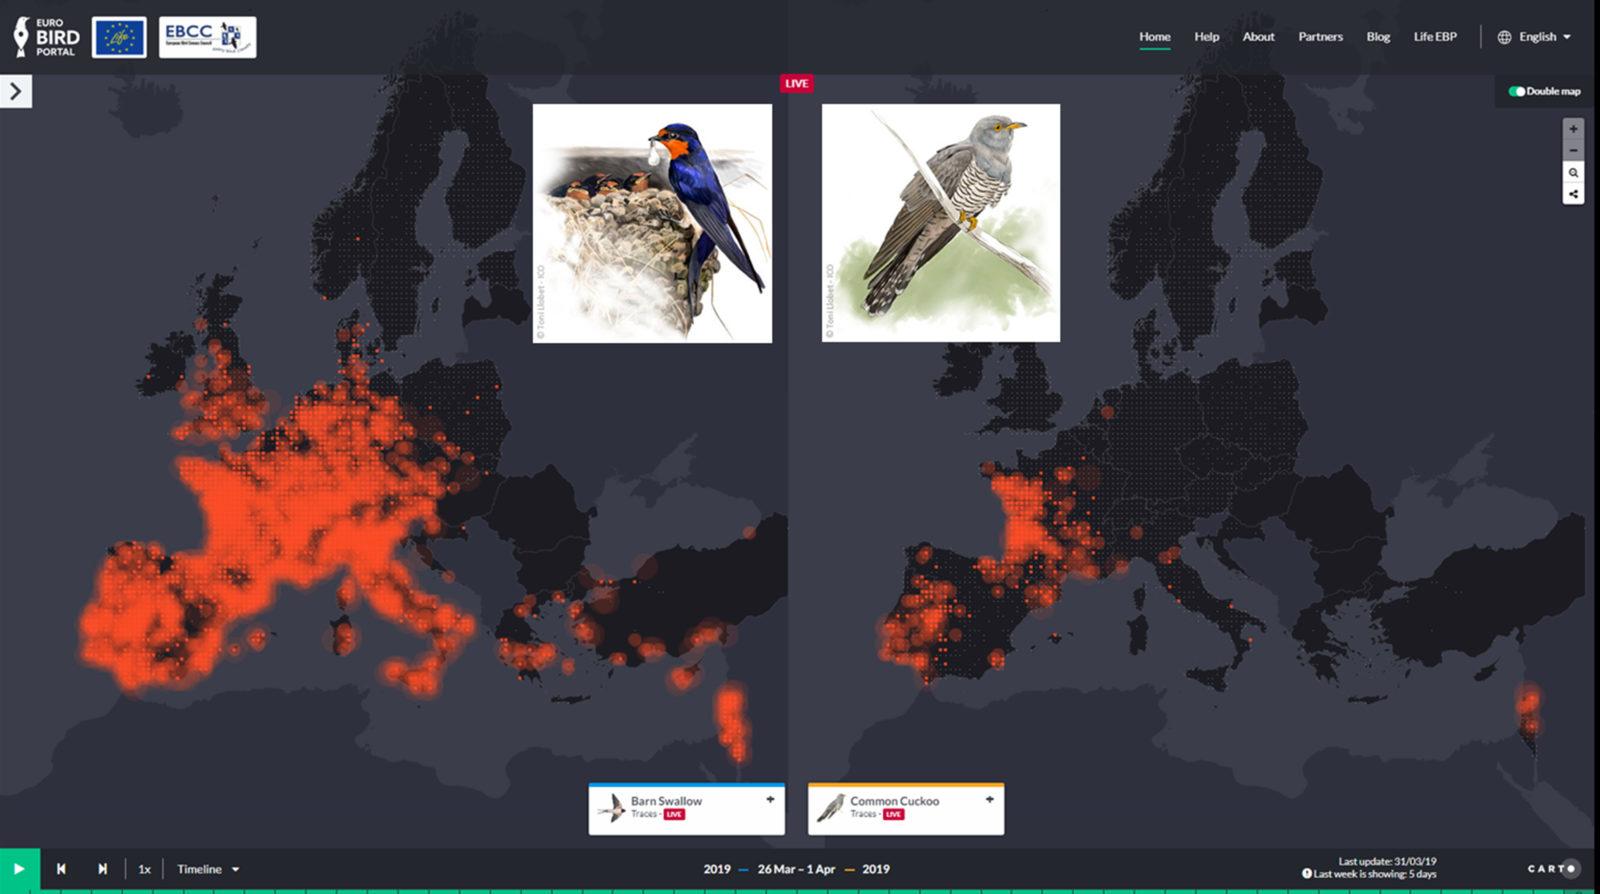 Birdlife Suomi Euroopan Lintumuuton Eteneminen Seurattavissa